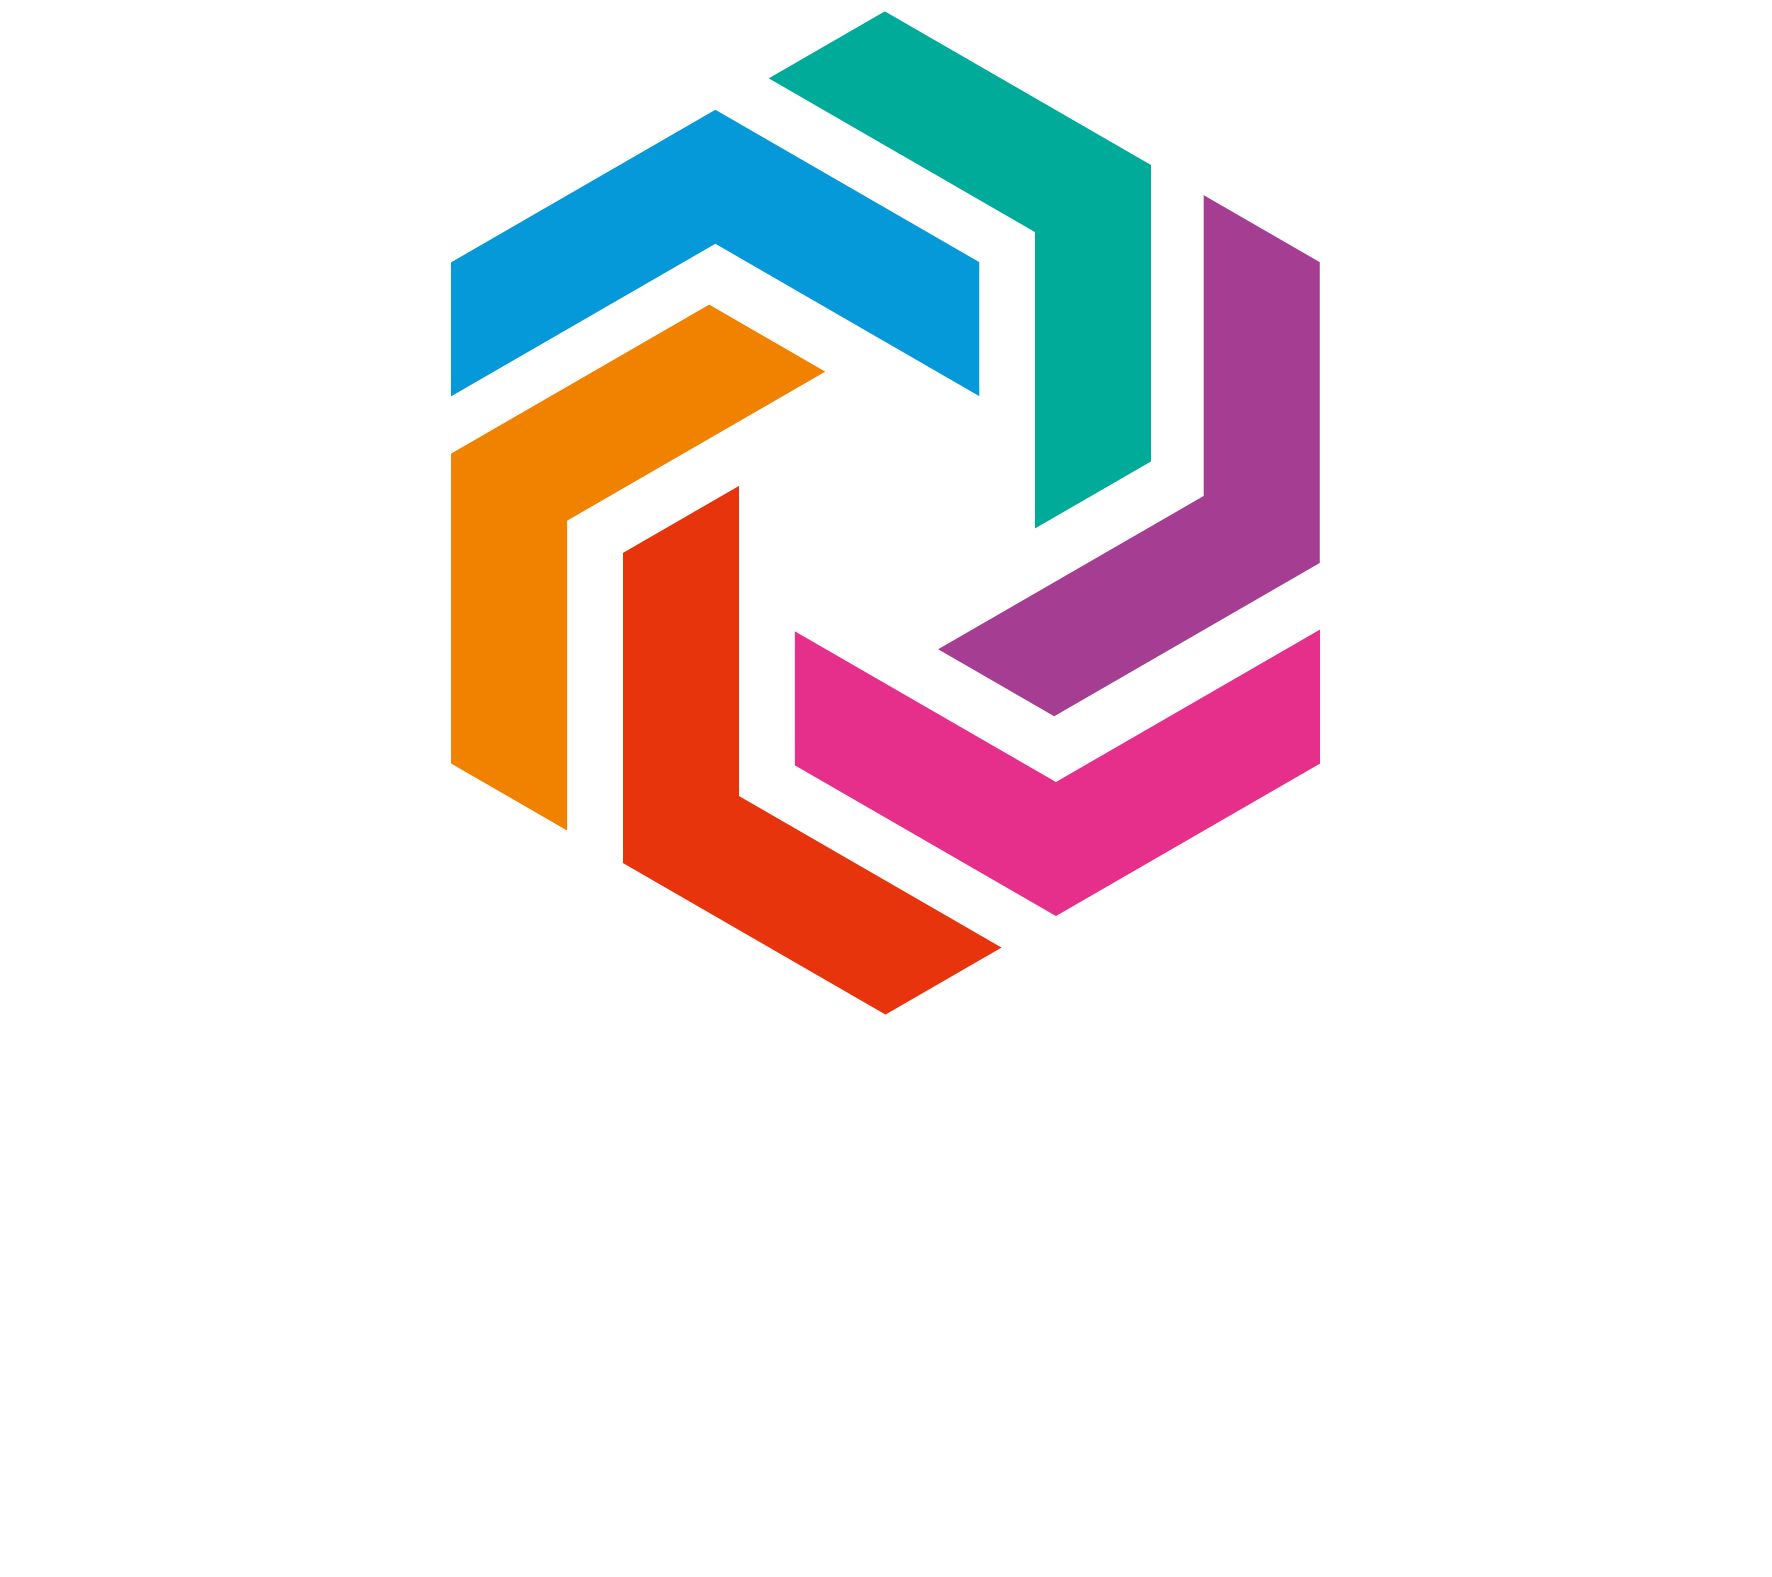 JDSFブレイキンブロック選手権2021